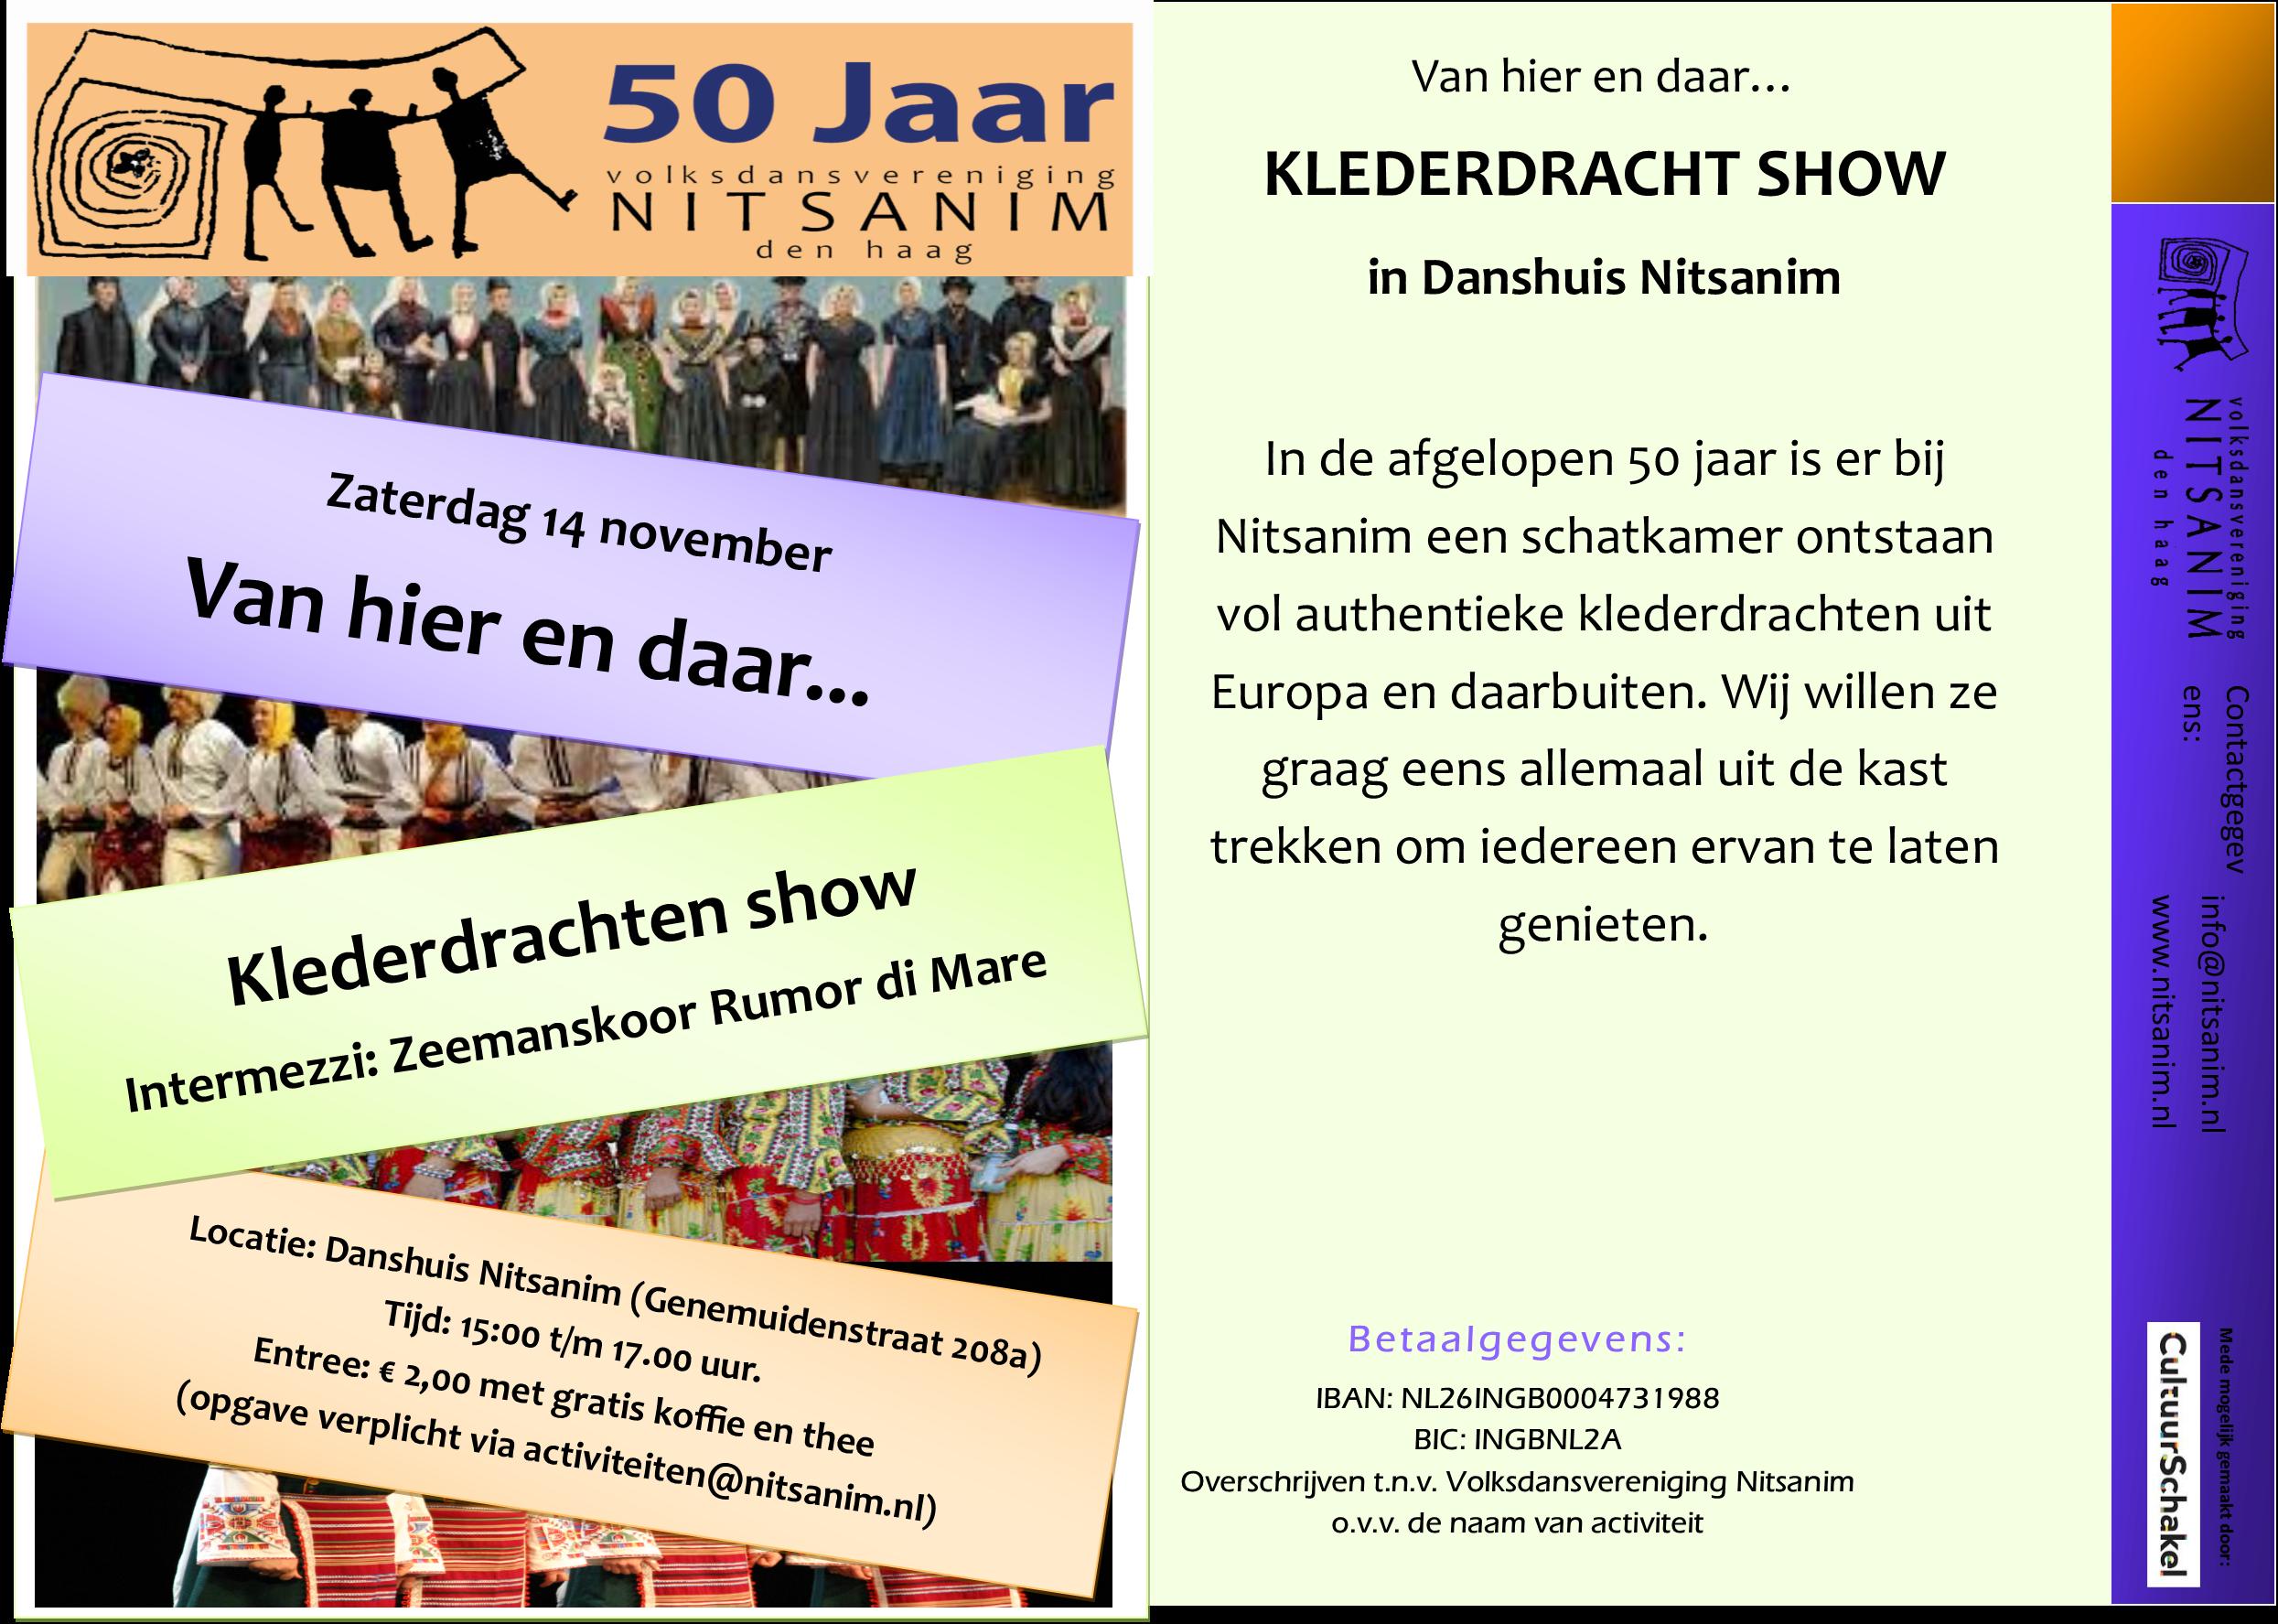 2015-10-14 Jubileum Klederdrachtshow flyerv2